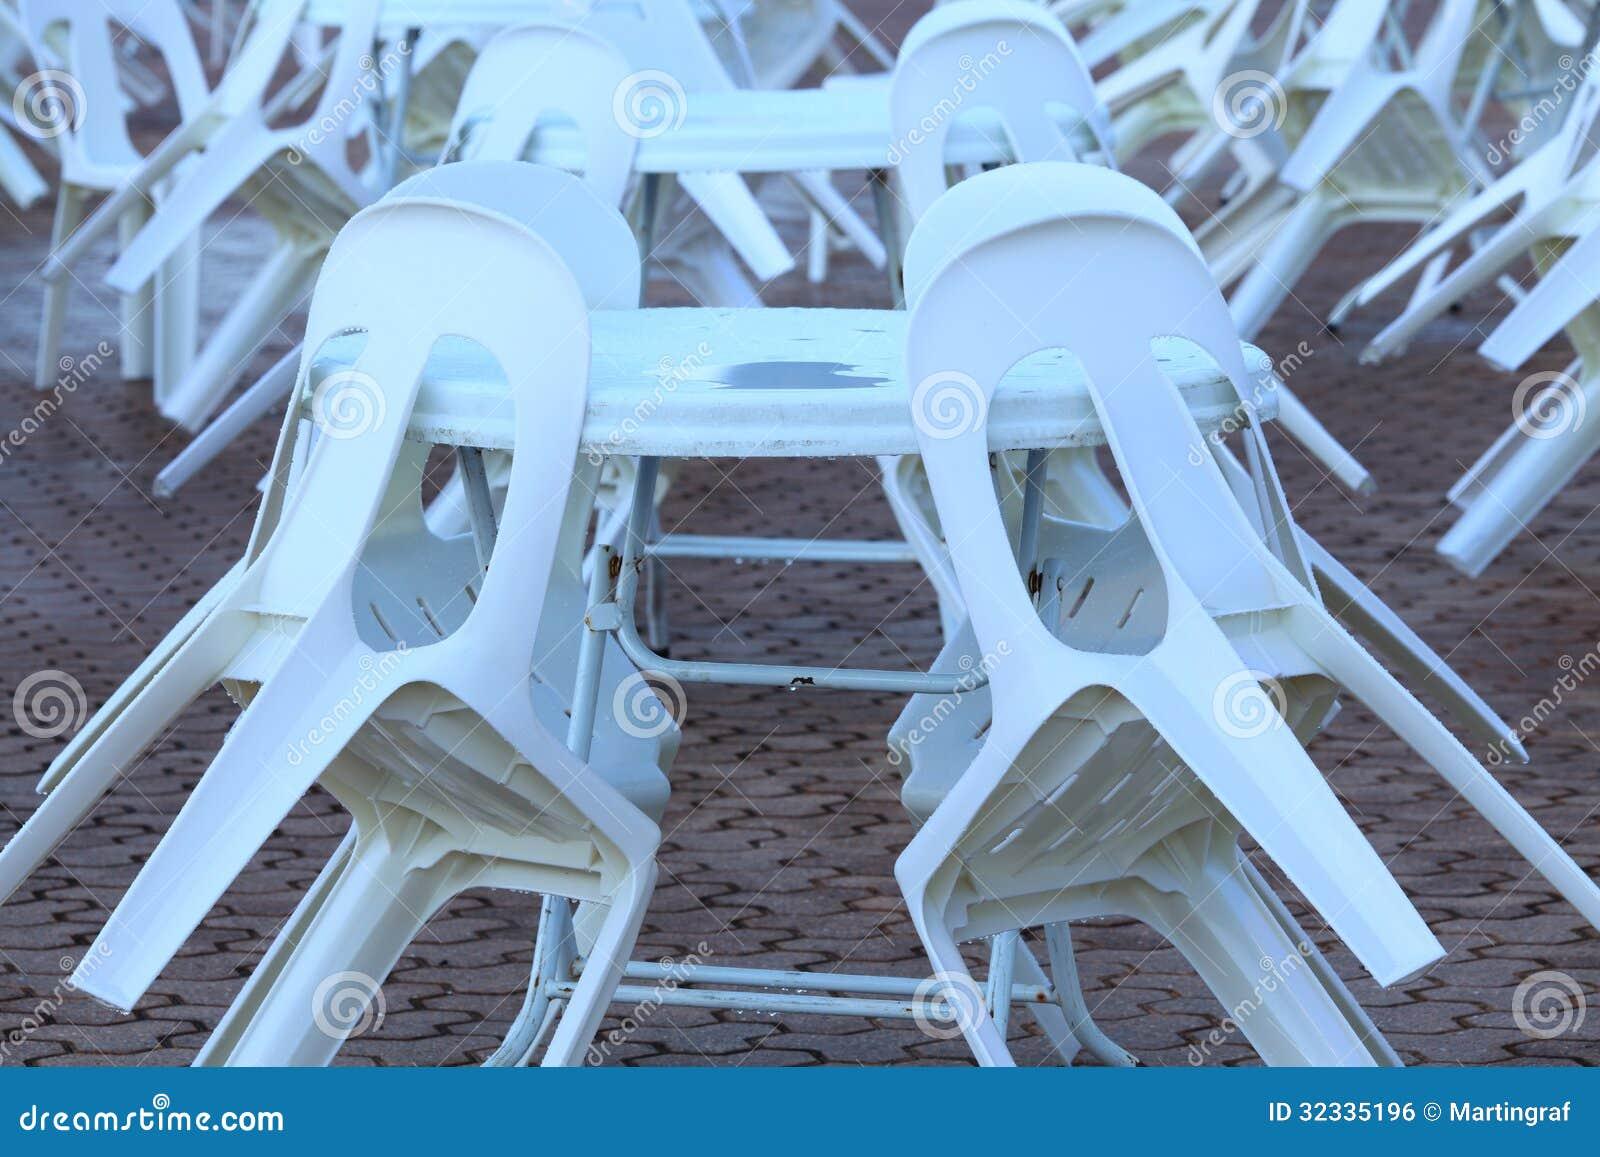 chaises et tables en plastique image libre de droits image 32335196. Black Bedroom Furniture Sets. Home Design Ideas